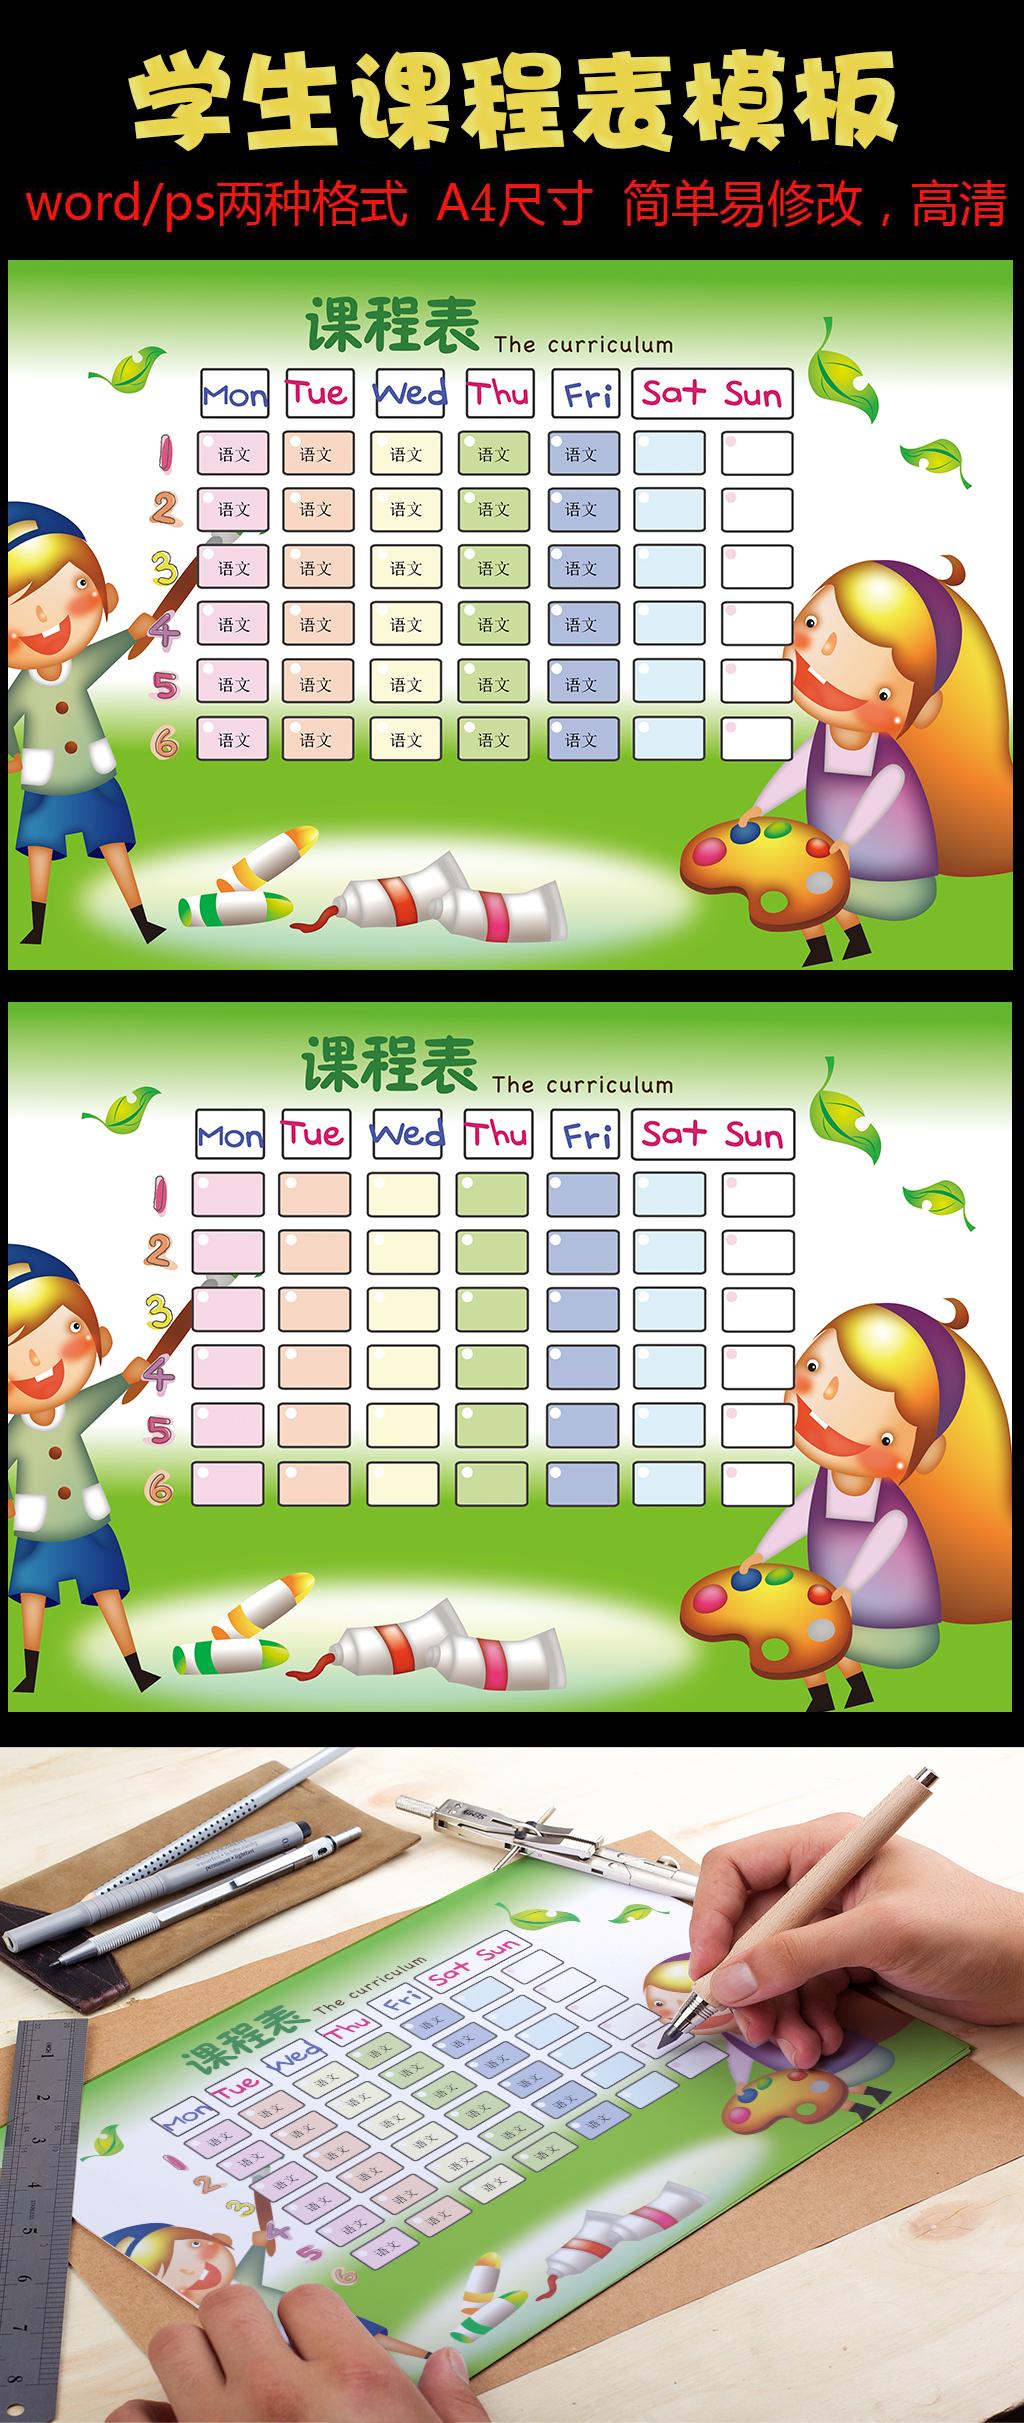 2017年绿色卡通手绘小学生课程表设计